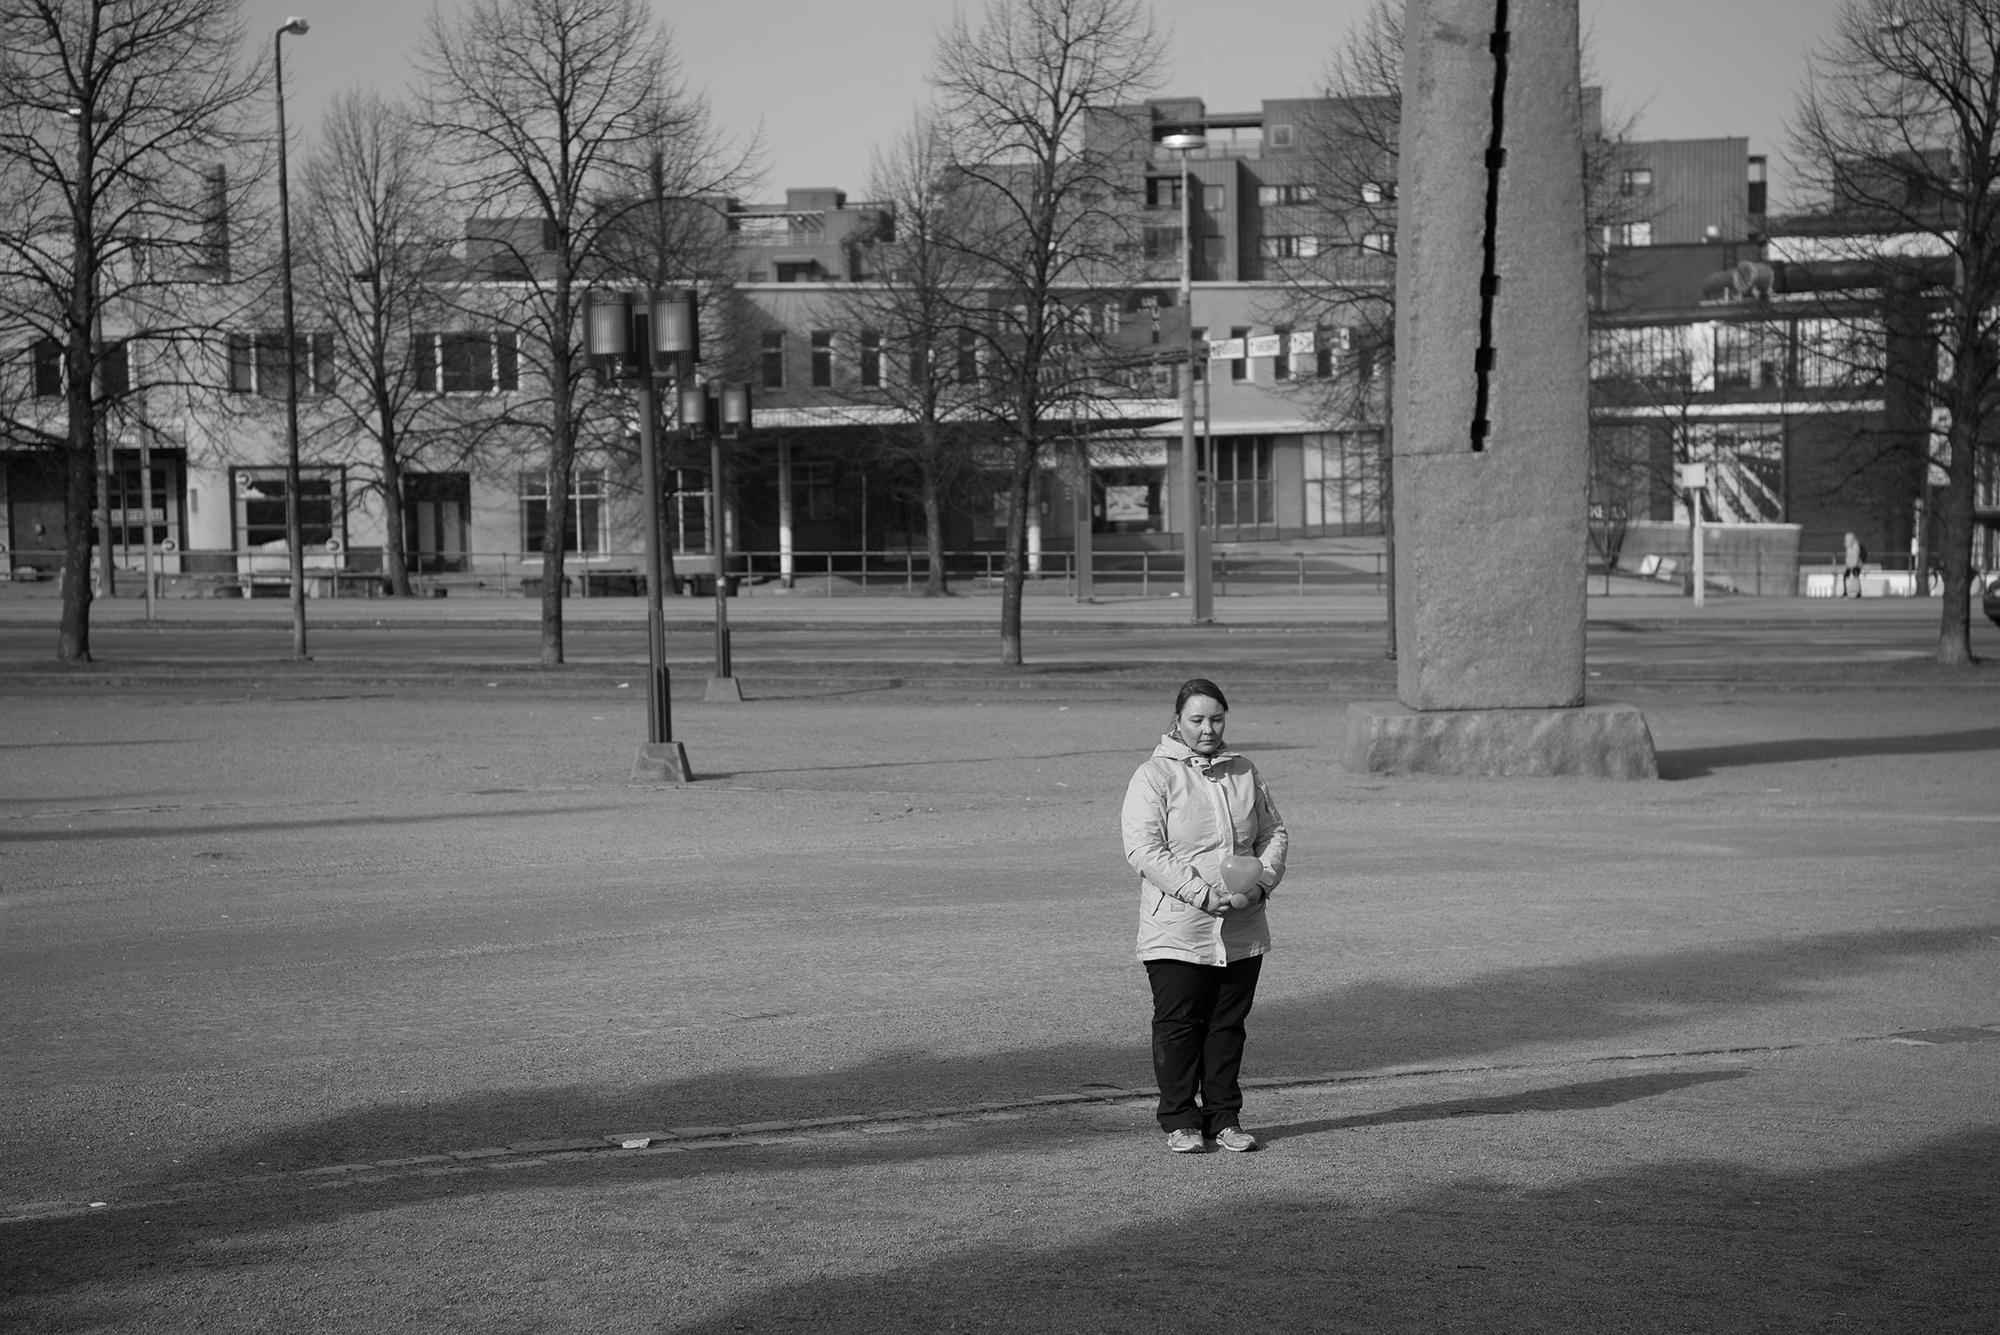 Kaupunkikuva, ihminen seisoo kadulla